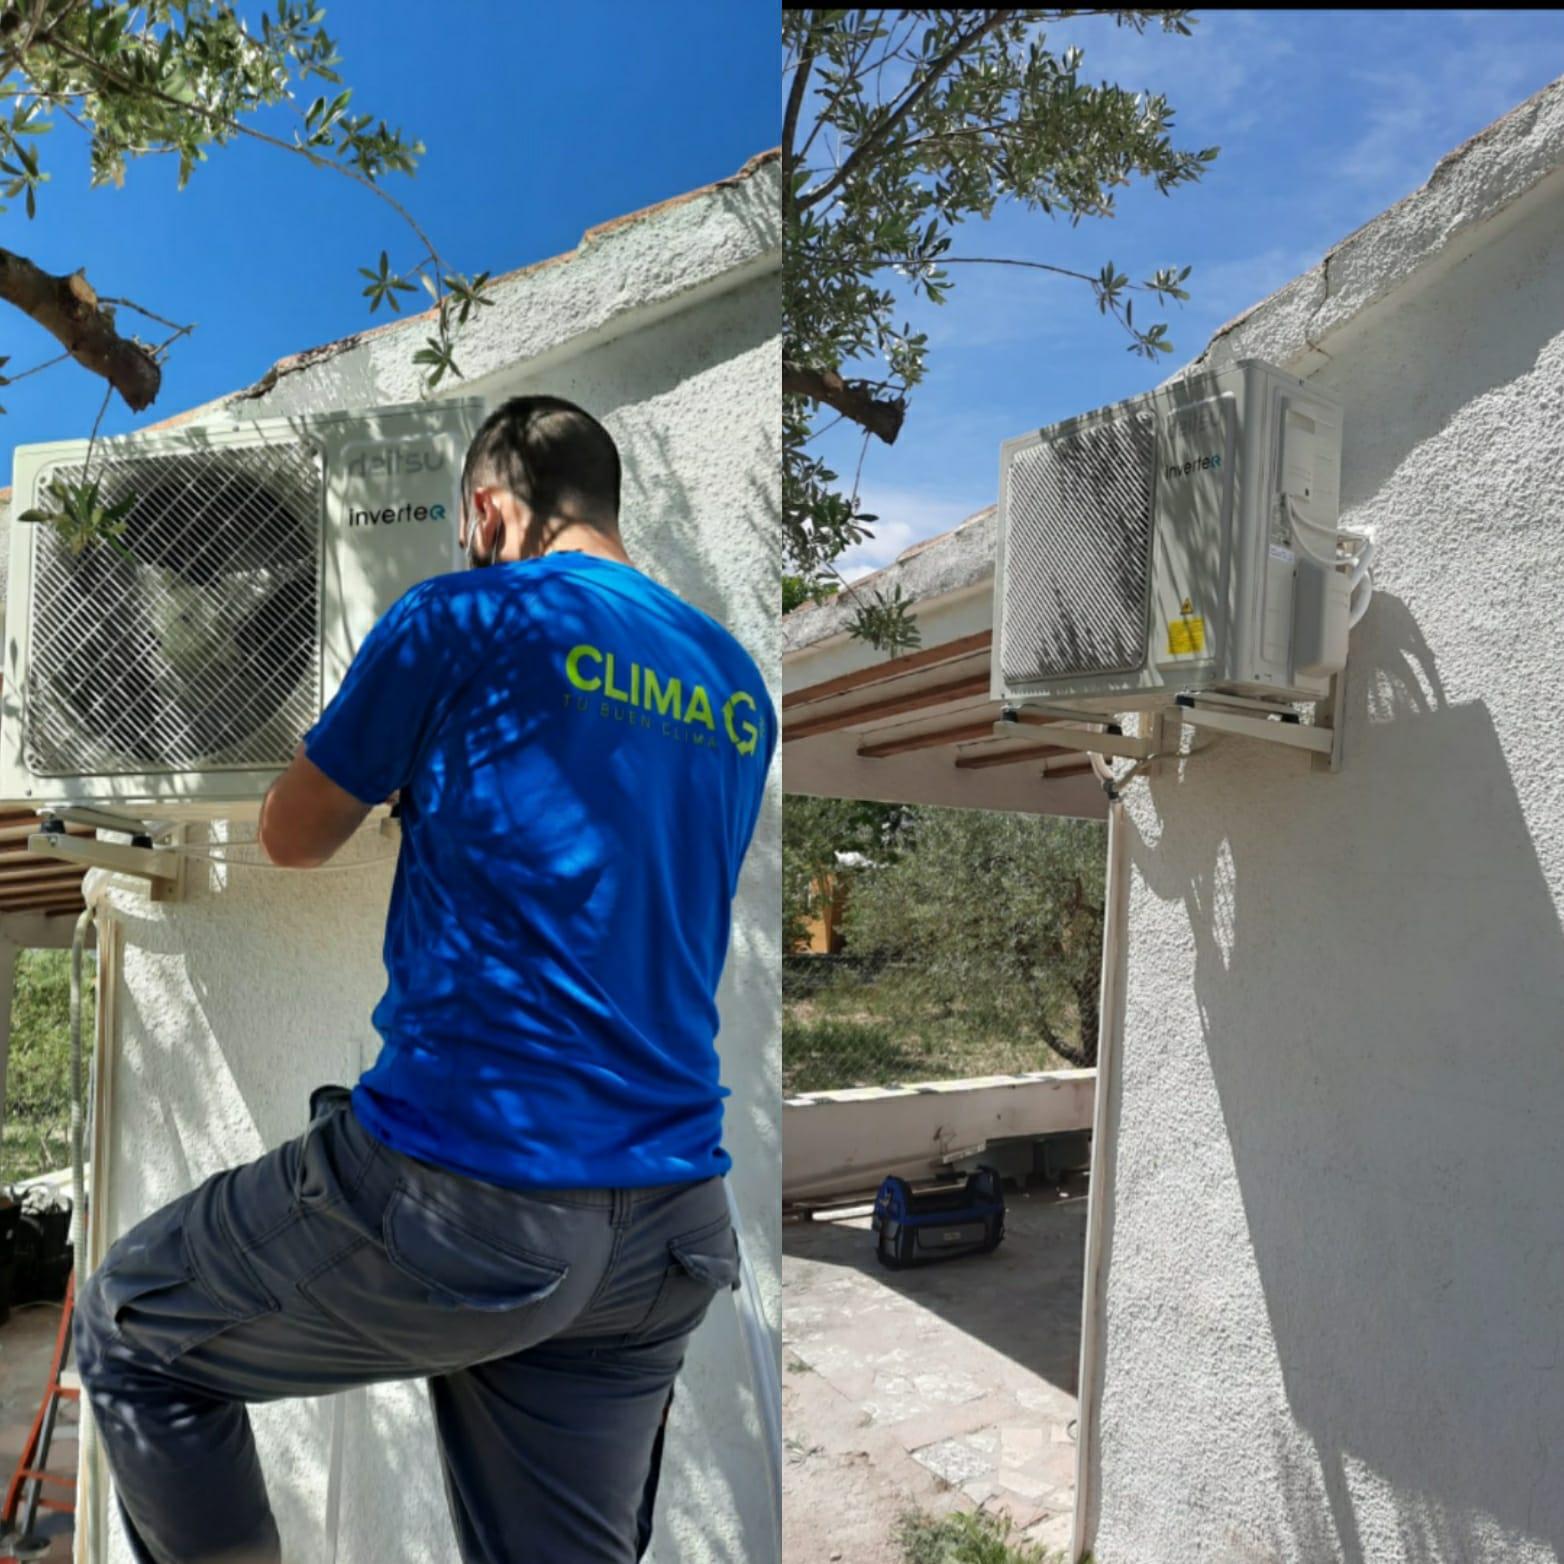 Climagadea instalacion de aires acondicionados en Alicante 2